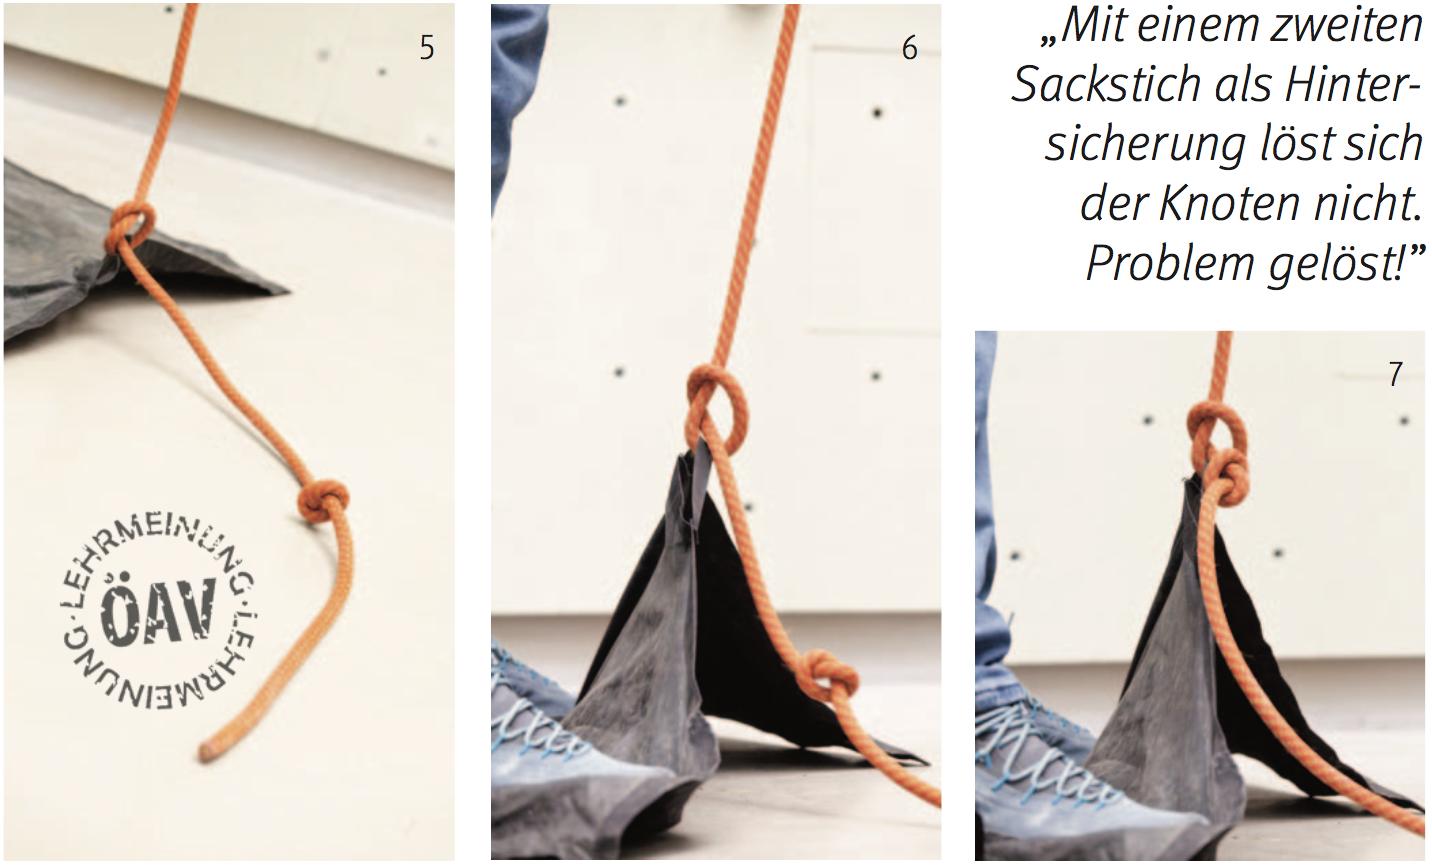 Vorsicht Seilsackschlaufe! OEAV